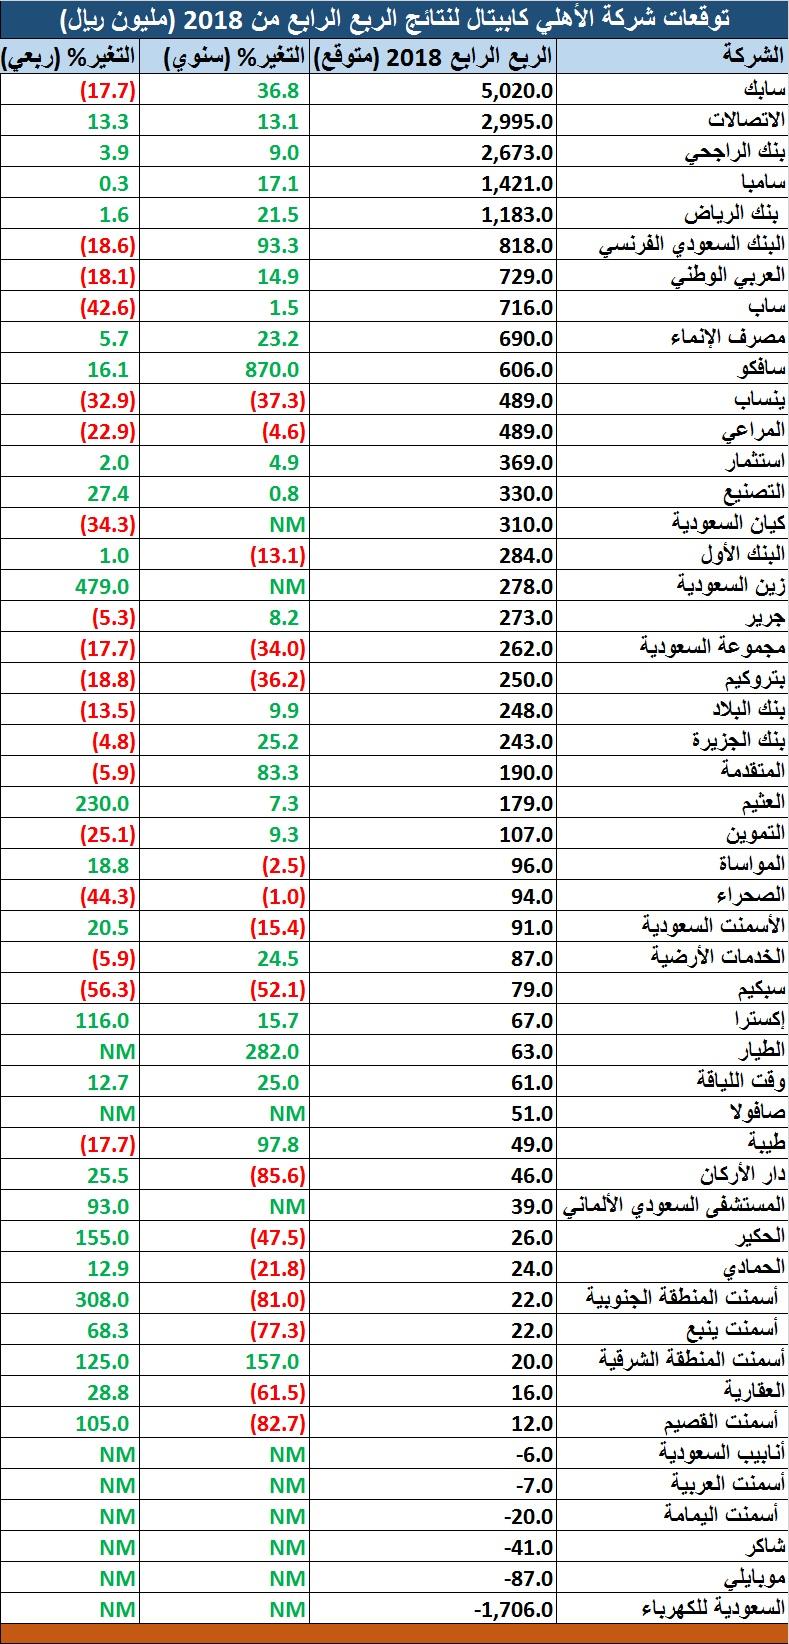 رمز شركة الكهرباء في بنك الرياض